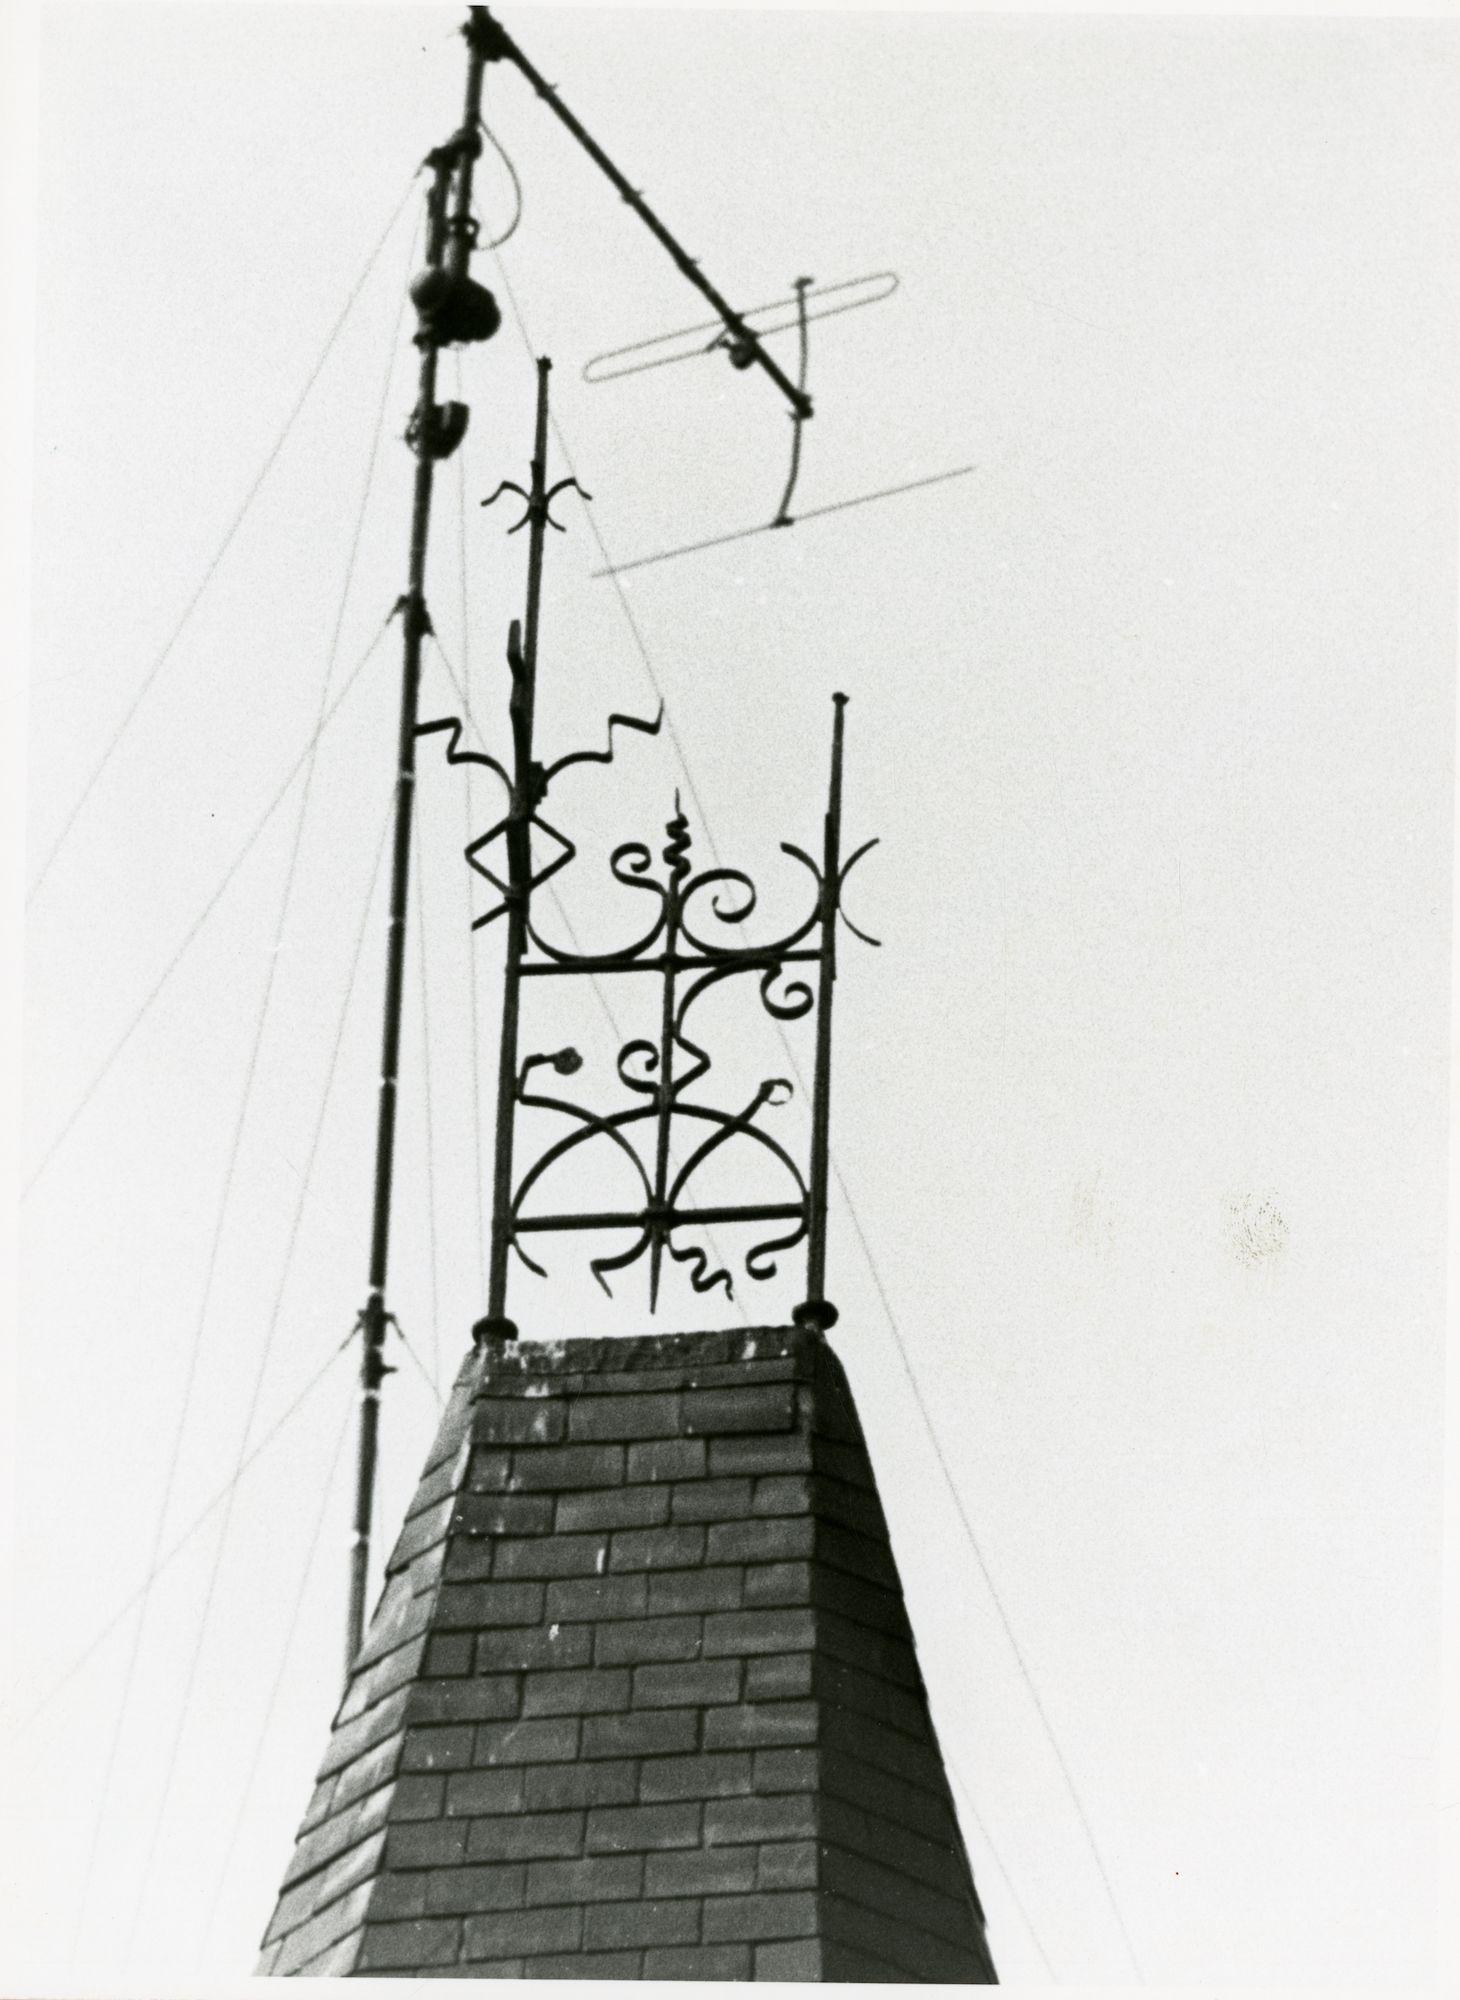 Gent: Martelaarslaan 397: Nokversiering, 1979